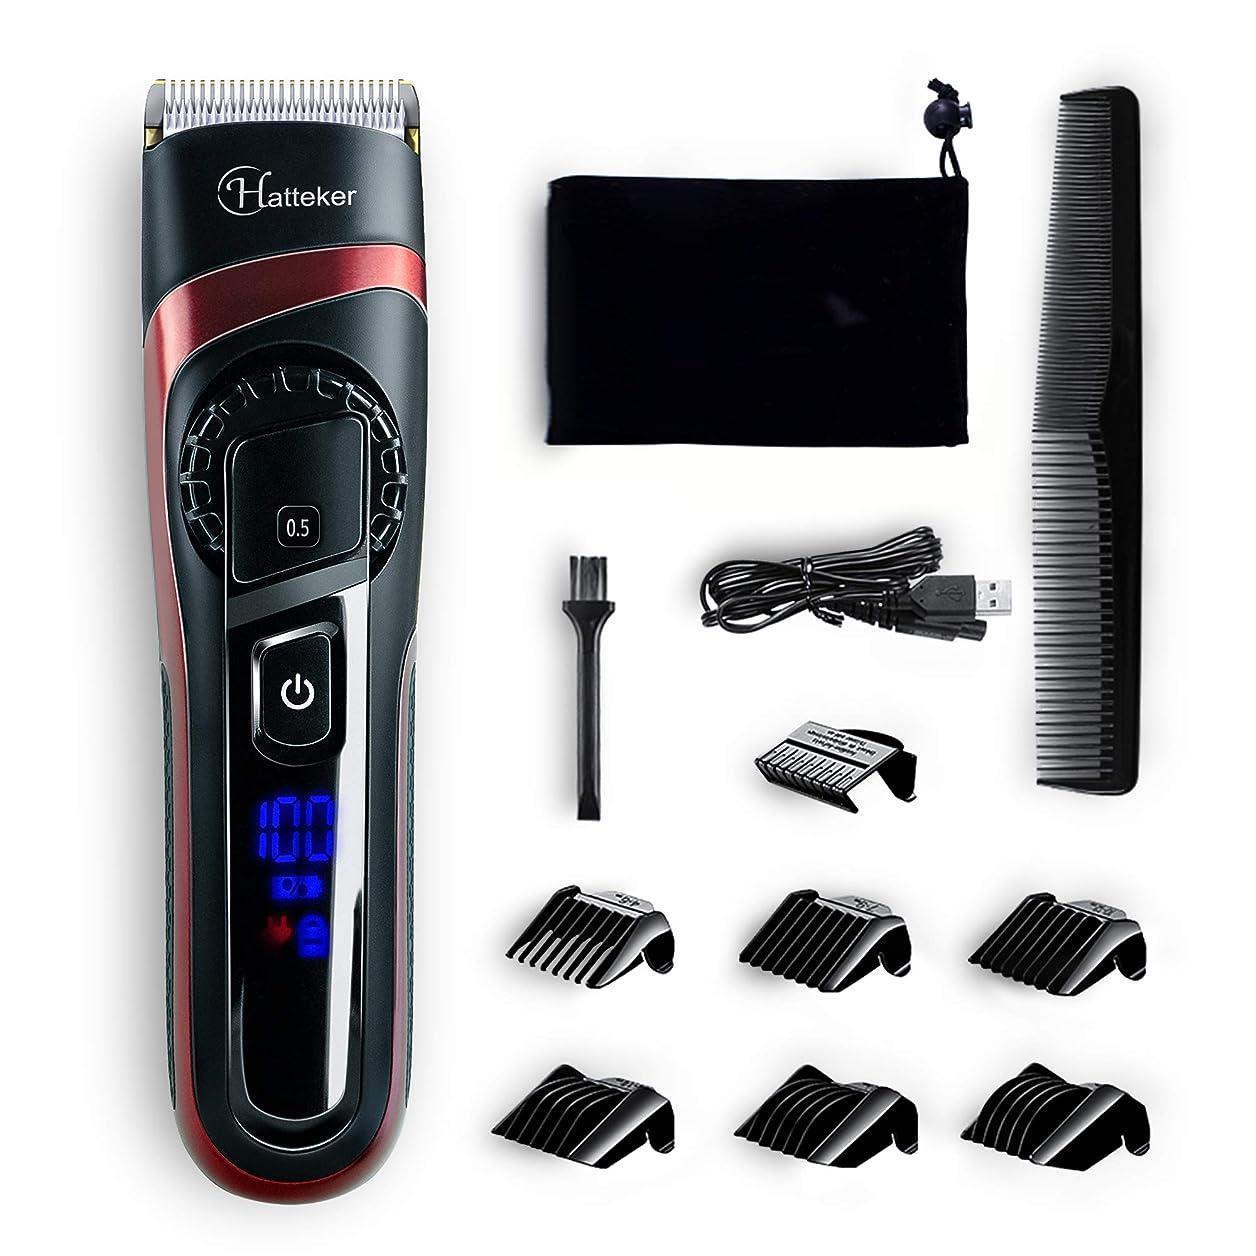 遷移特権的スキッパーHATTEKER 電動バリカン ヘアカッター ヒゲトリマー USB充電式 刈り高さ調節可 アタッチメント付き 0.5-24mm対応 水洗い可 散髪セット 充電·交流式 業務用·家庭用·子供用